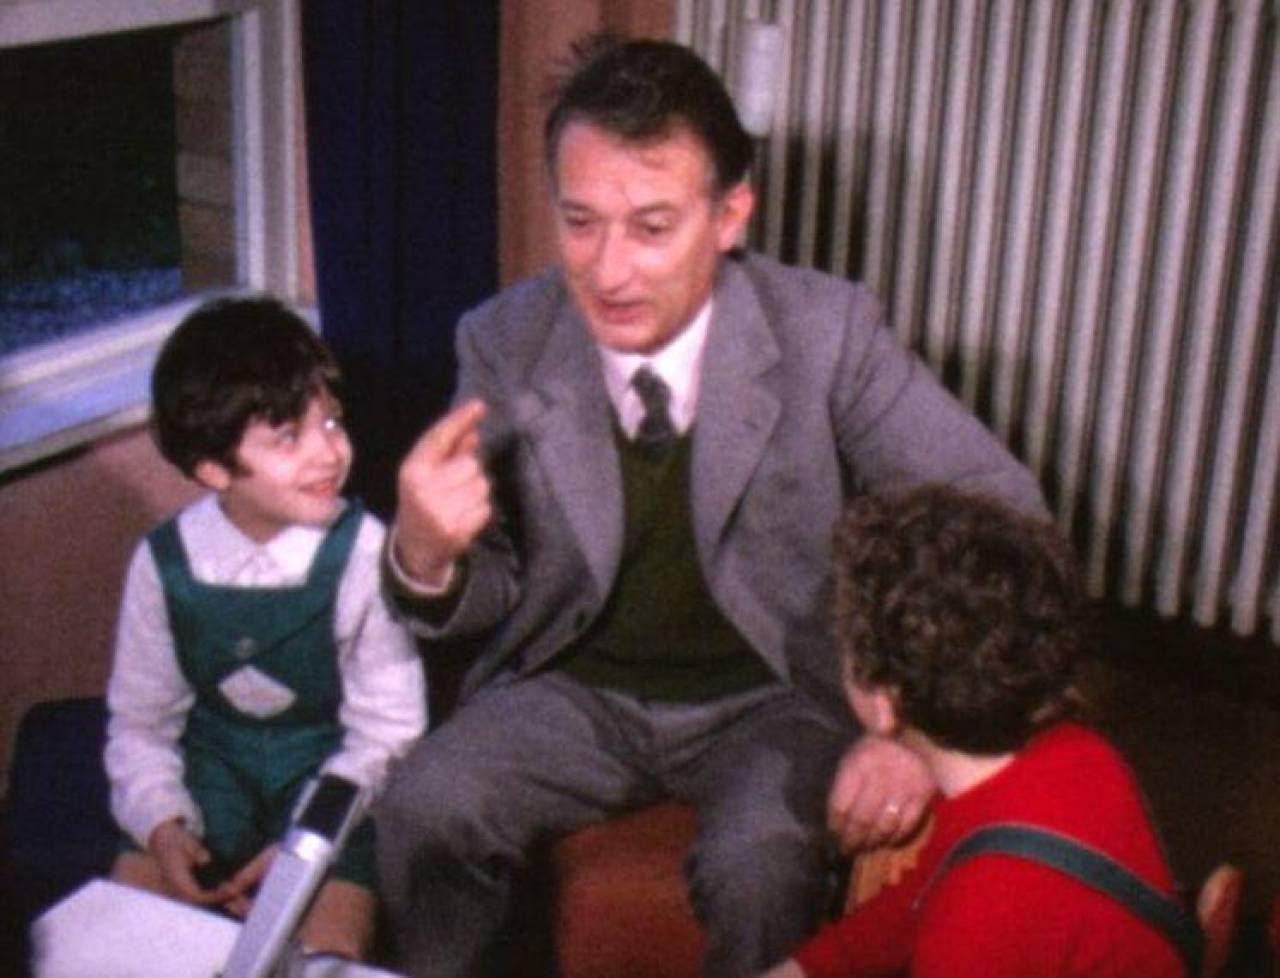 Gianni Rodari racconta 'Il Re dei Topi' ai bambini di una scuola nel 1972